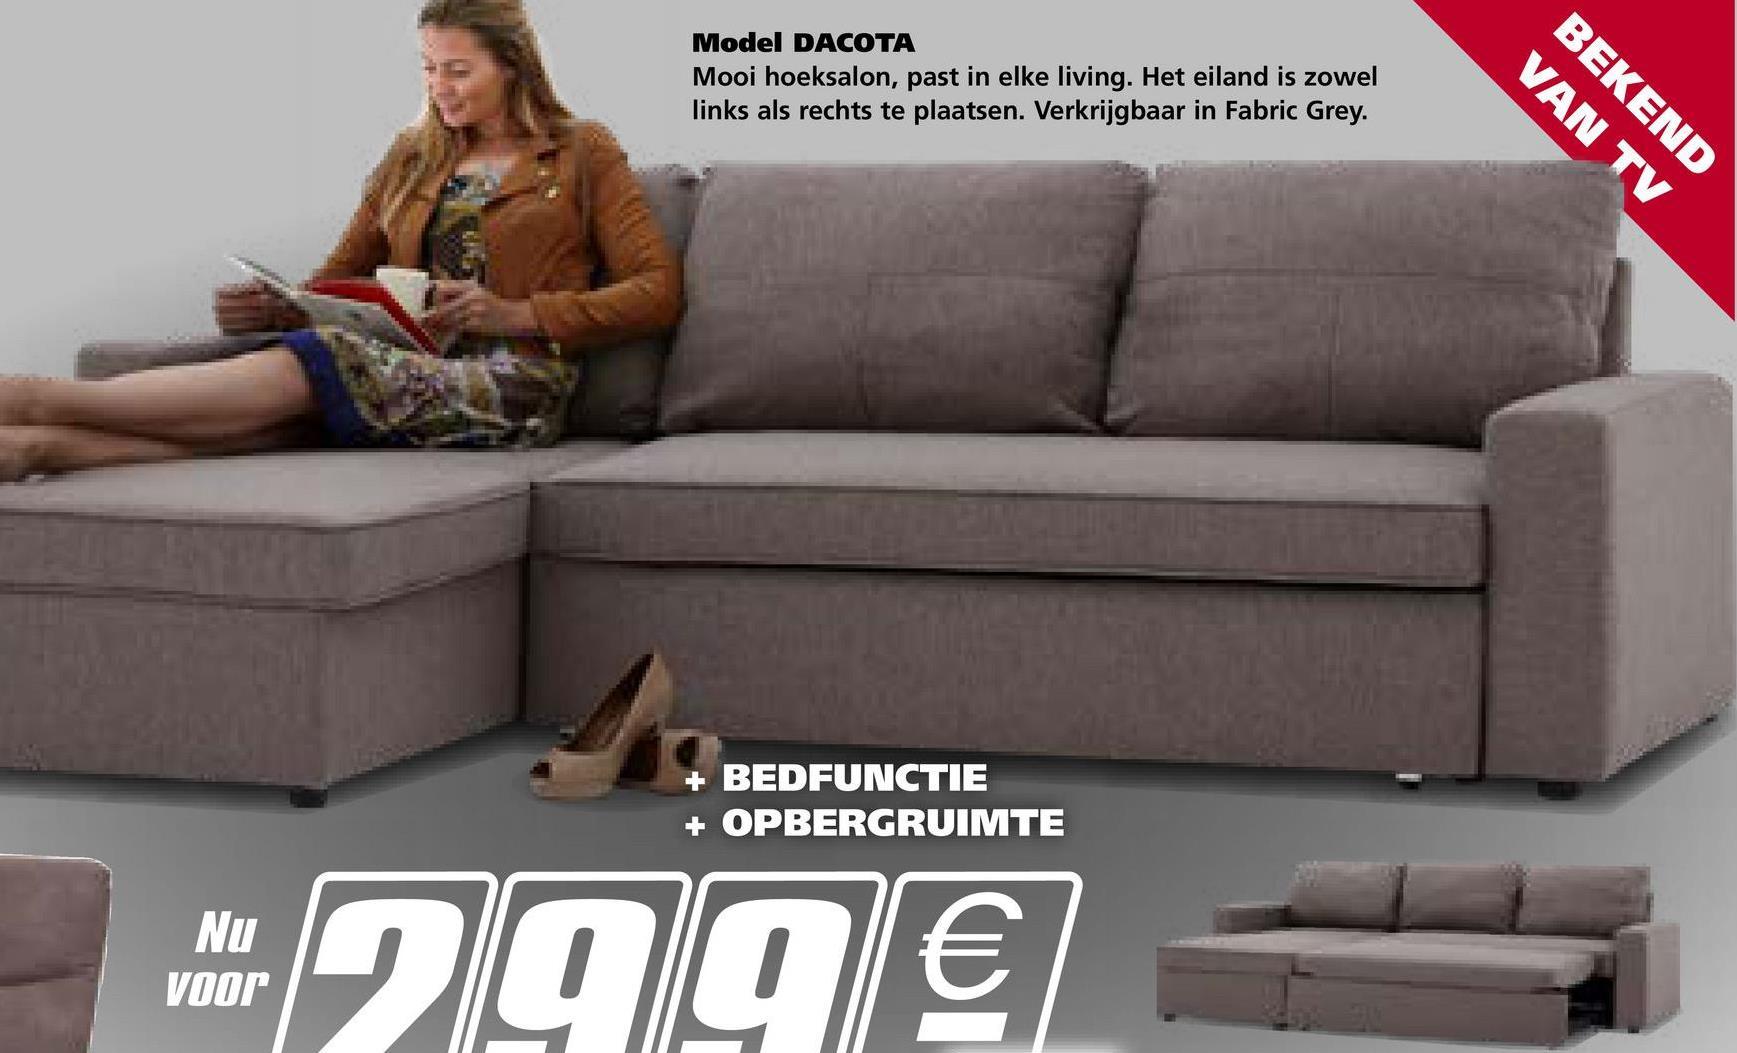 BEKEND Model DACOTA Mooi hoeksalon, past in elke living. Het eiland is zowel links als rechts te plaatsen. Verkrijgbaar in Fabric Grey. VAN TV + BEDFUNCTIE + OPBERGRUIMTE Nu voor 299€